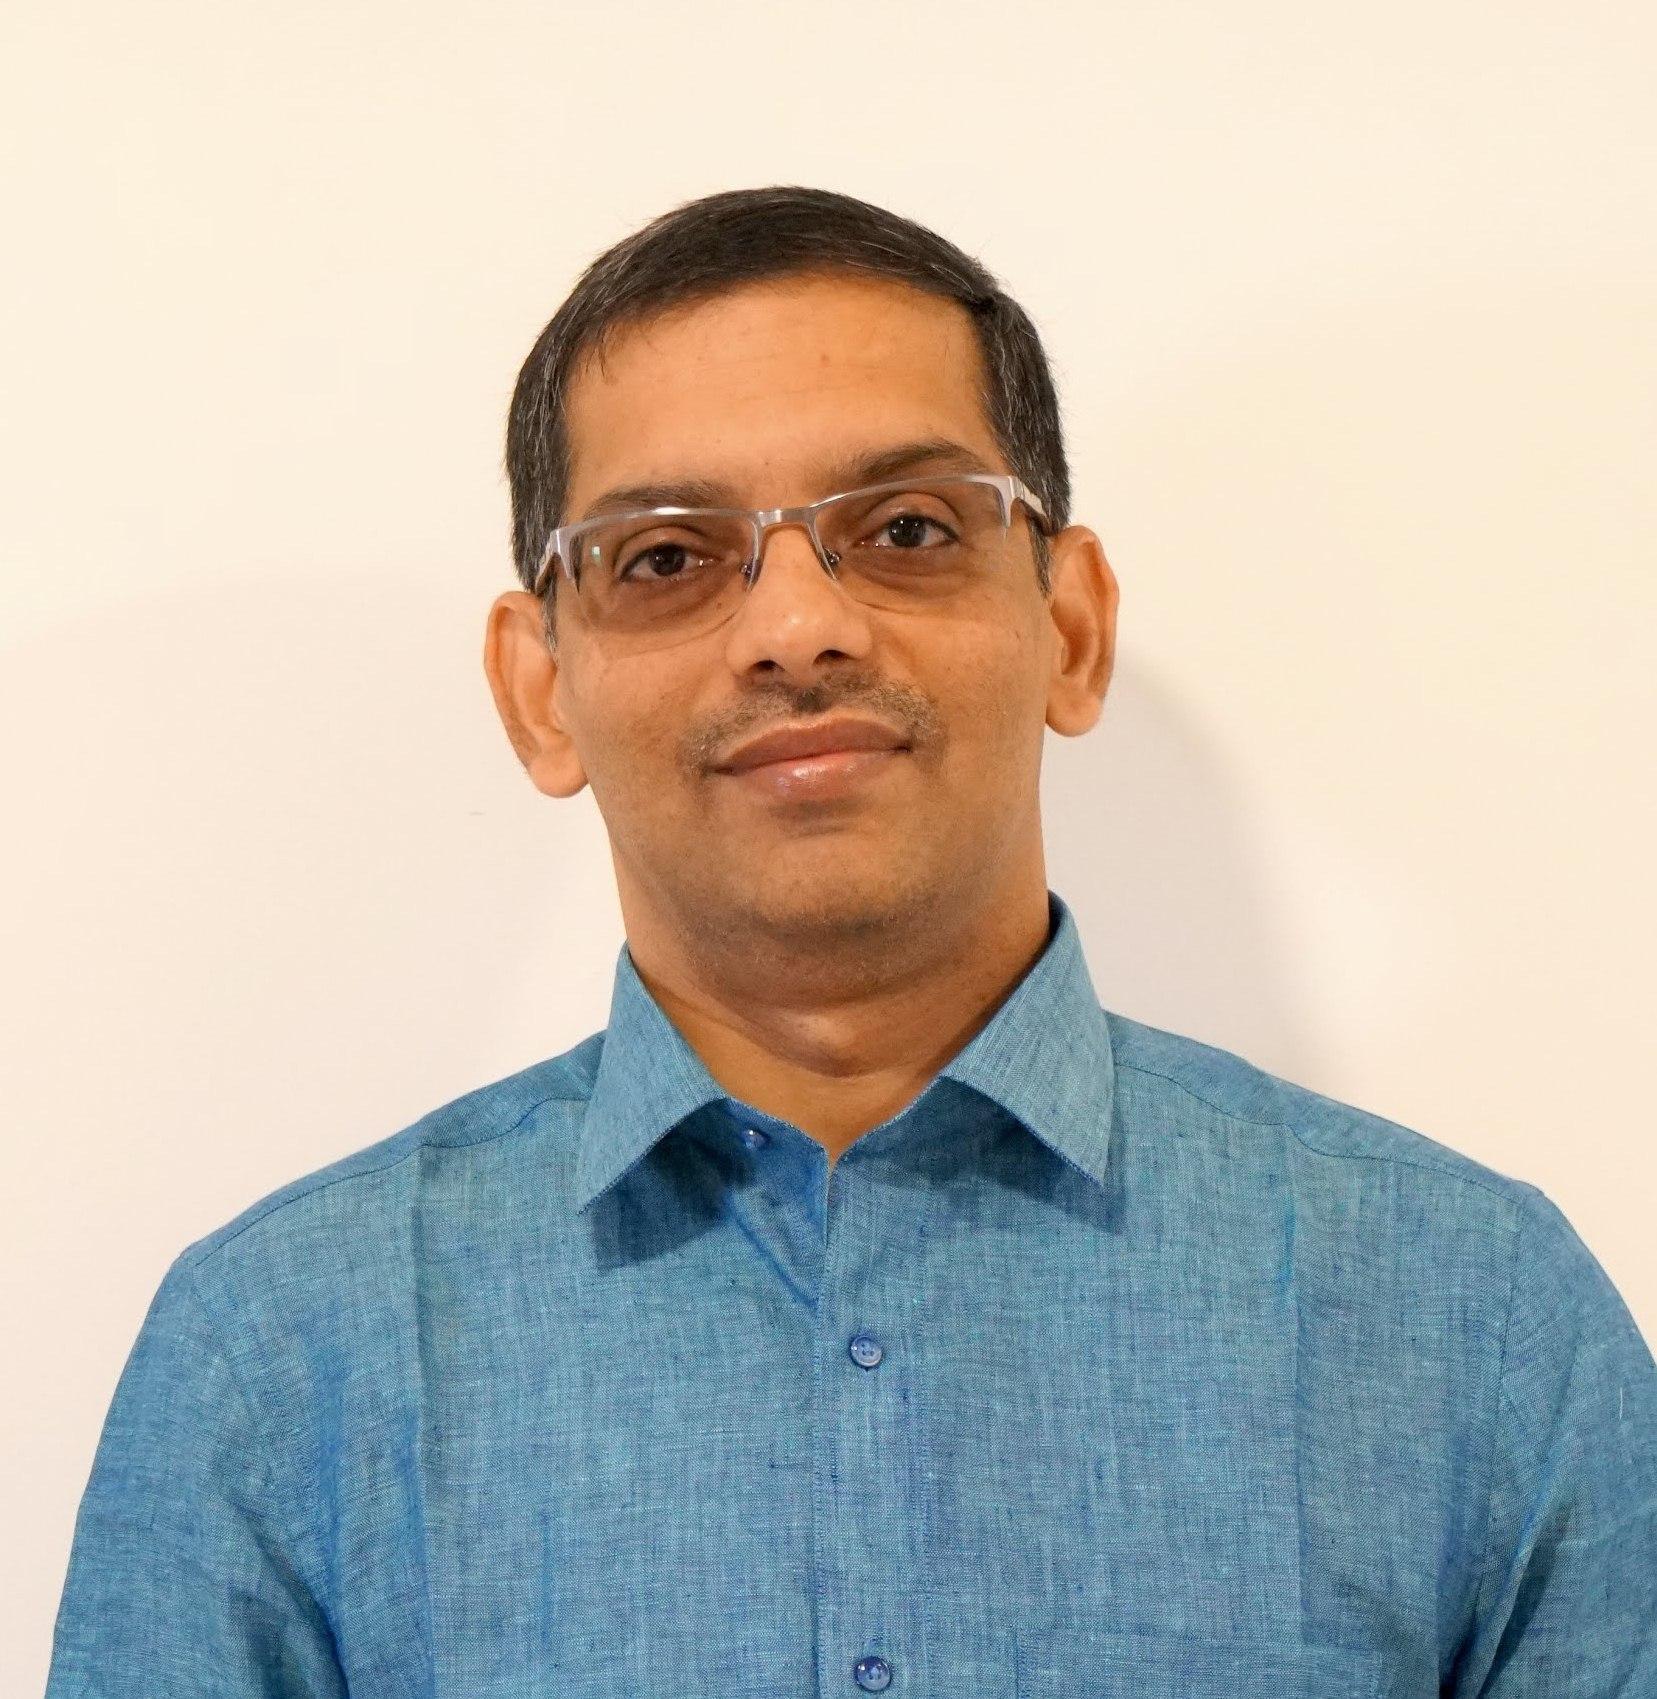 Prof. Amit K Nandkeolyar